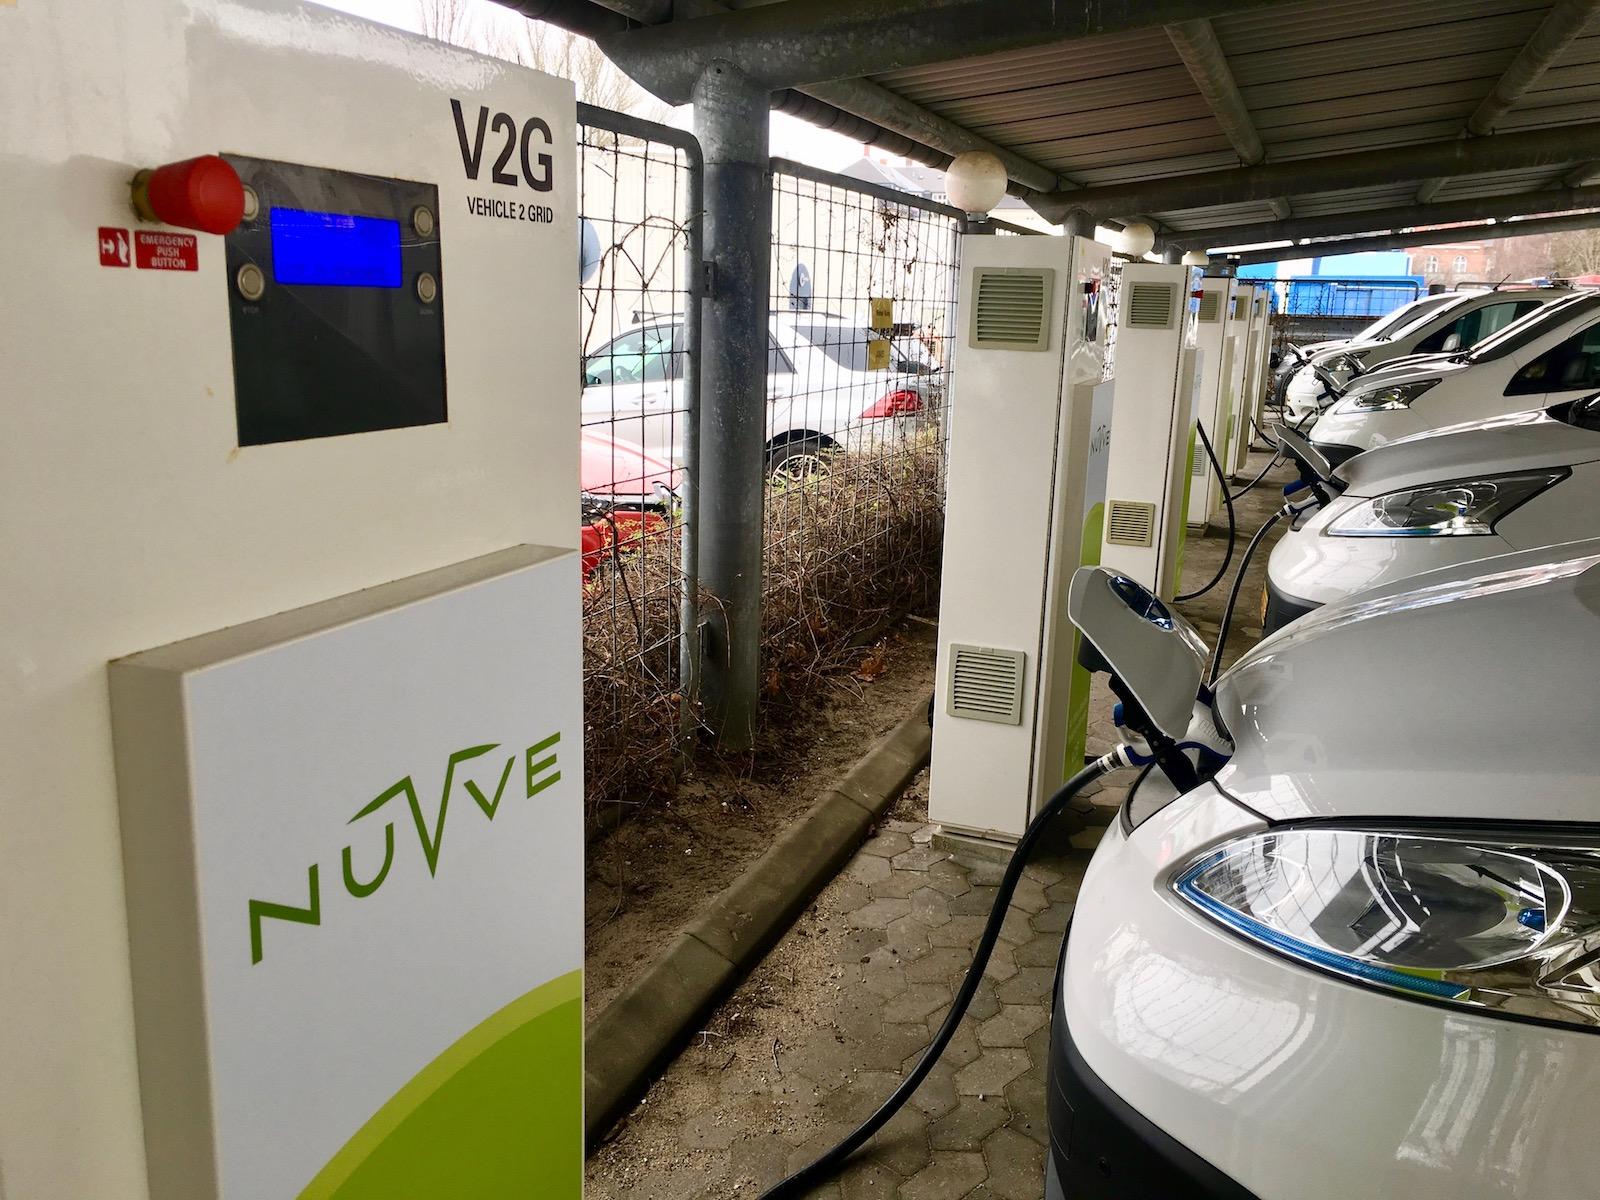 """تعدادی از اتومبیل های براق و سفید در شارژرهای دارای برچسب سبز و سفید گنجانده شده است """"Nuvve V2G"""""""